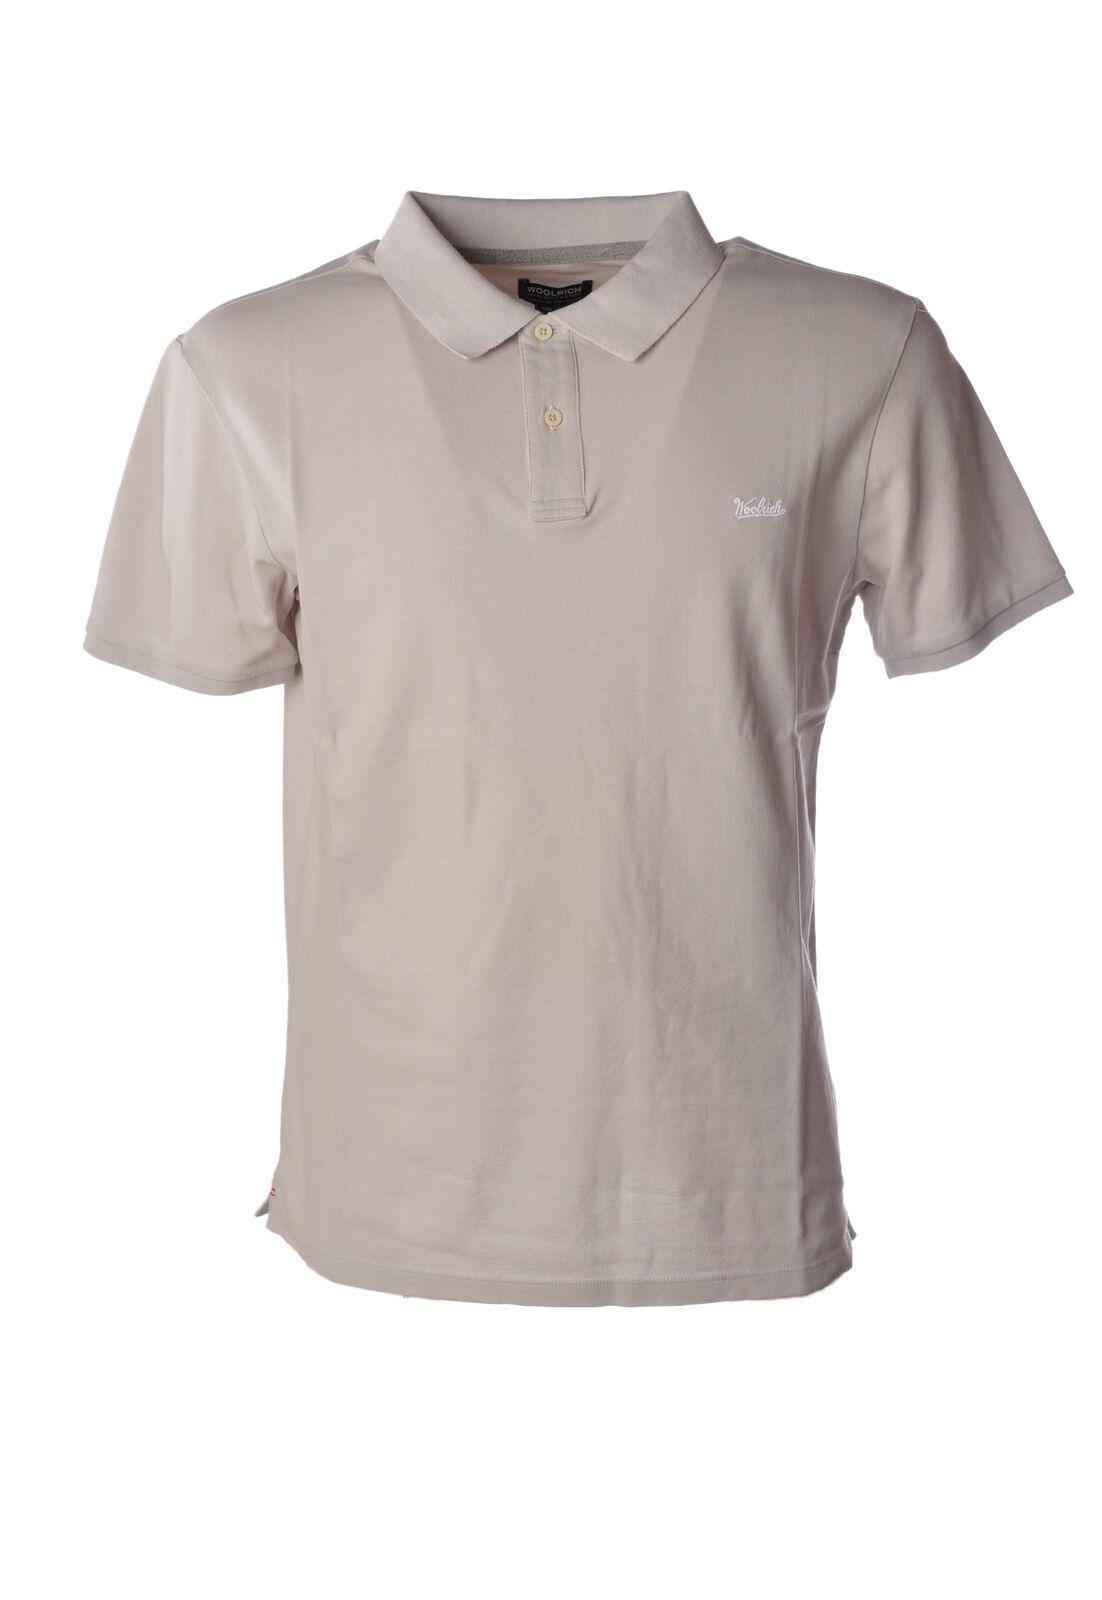 Woolrich - Topwear-Polo - Man - Weiß - 5016831G184518